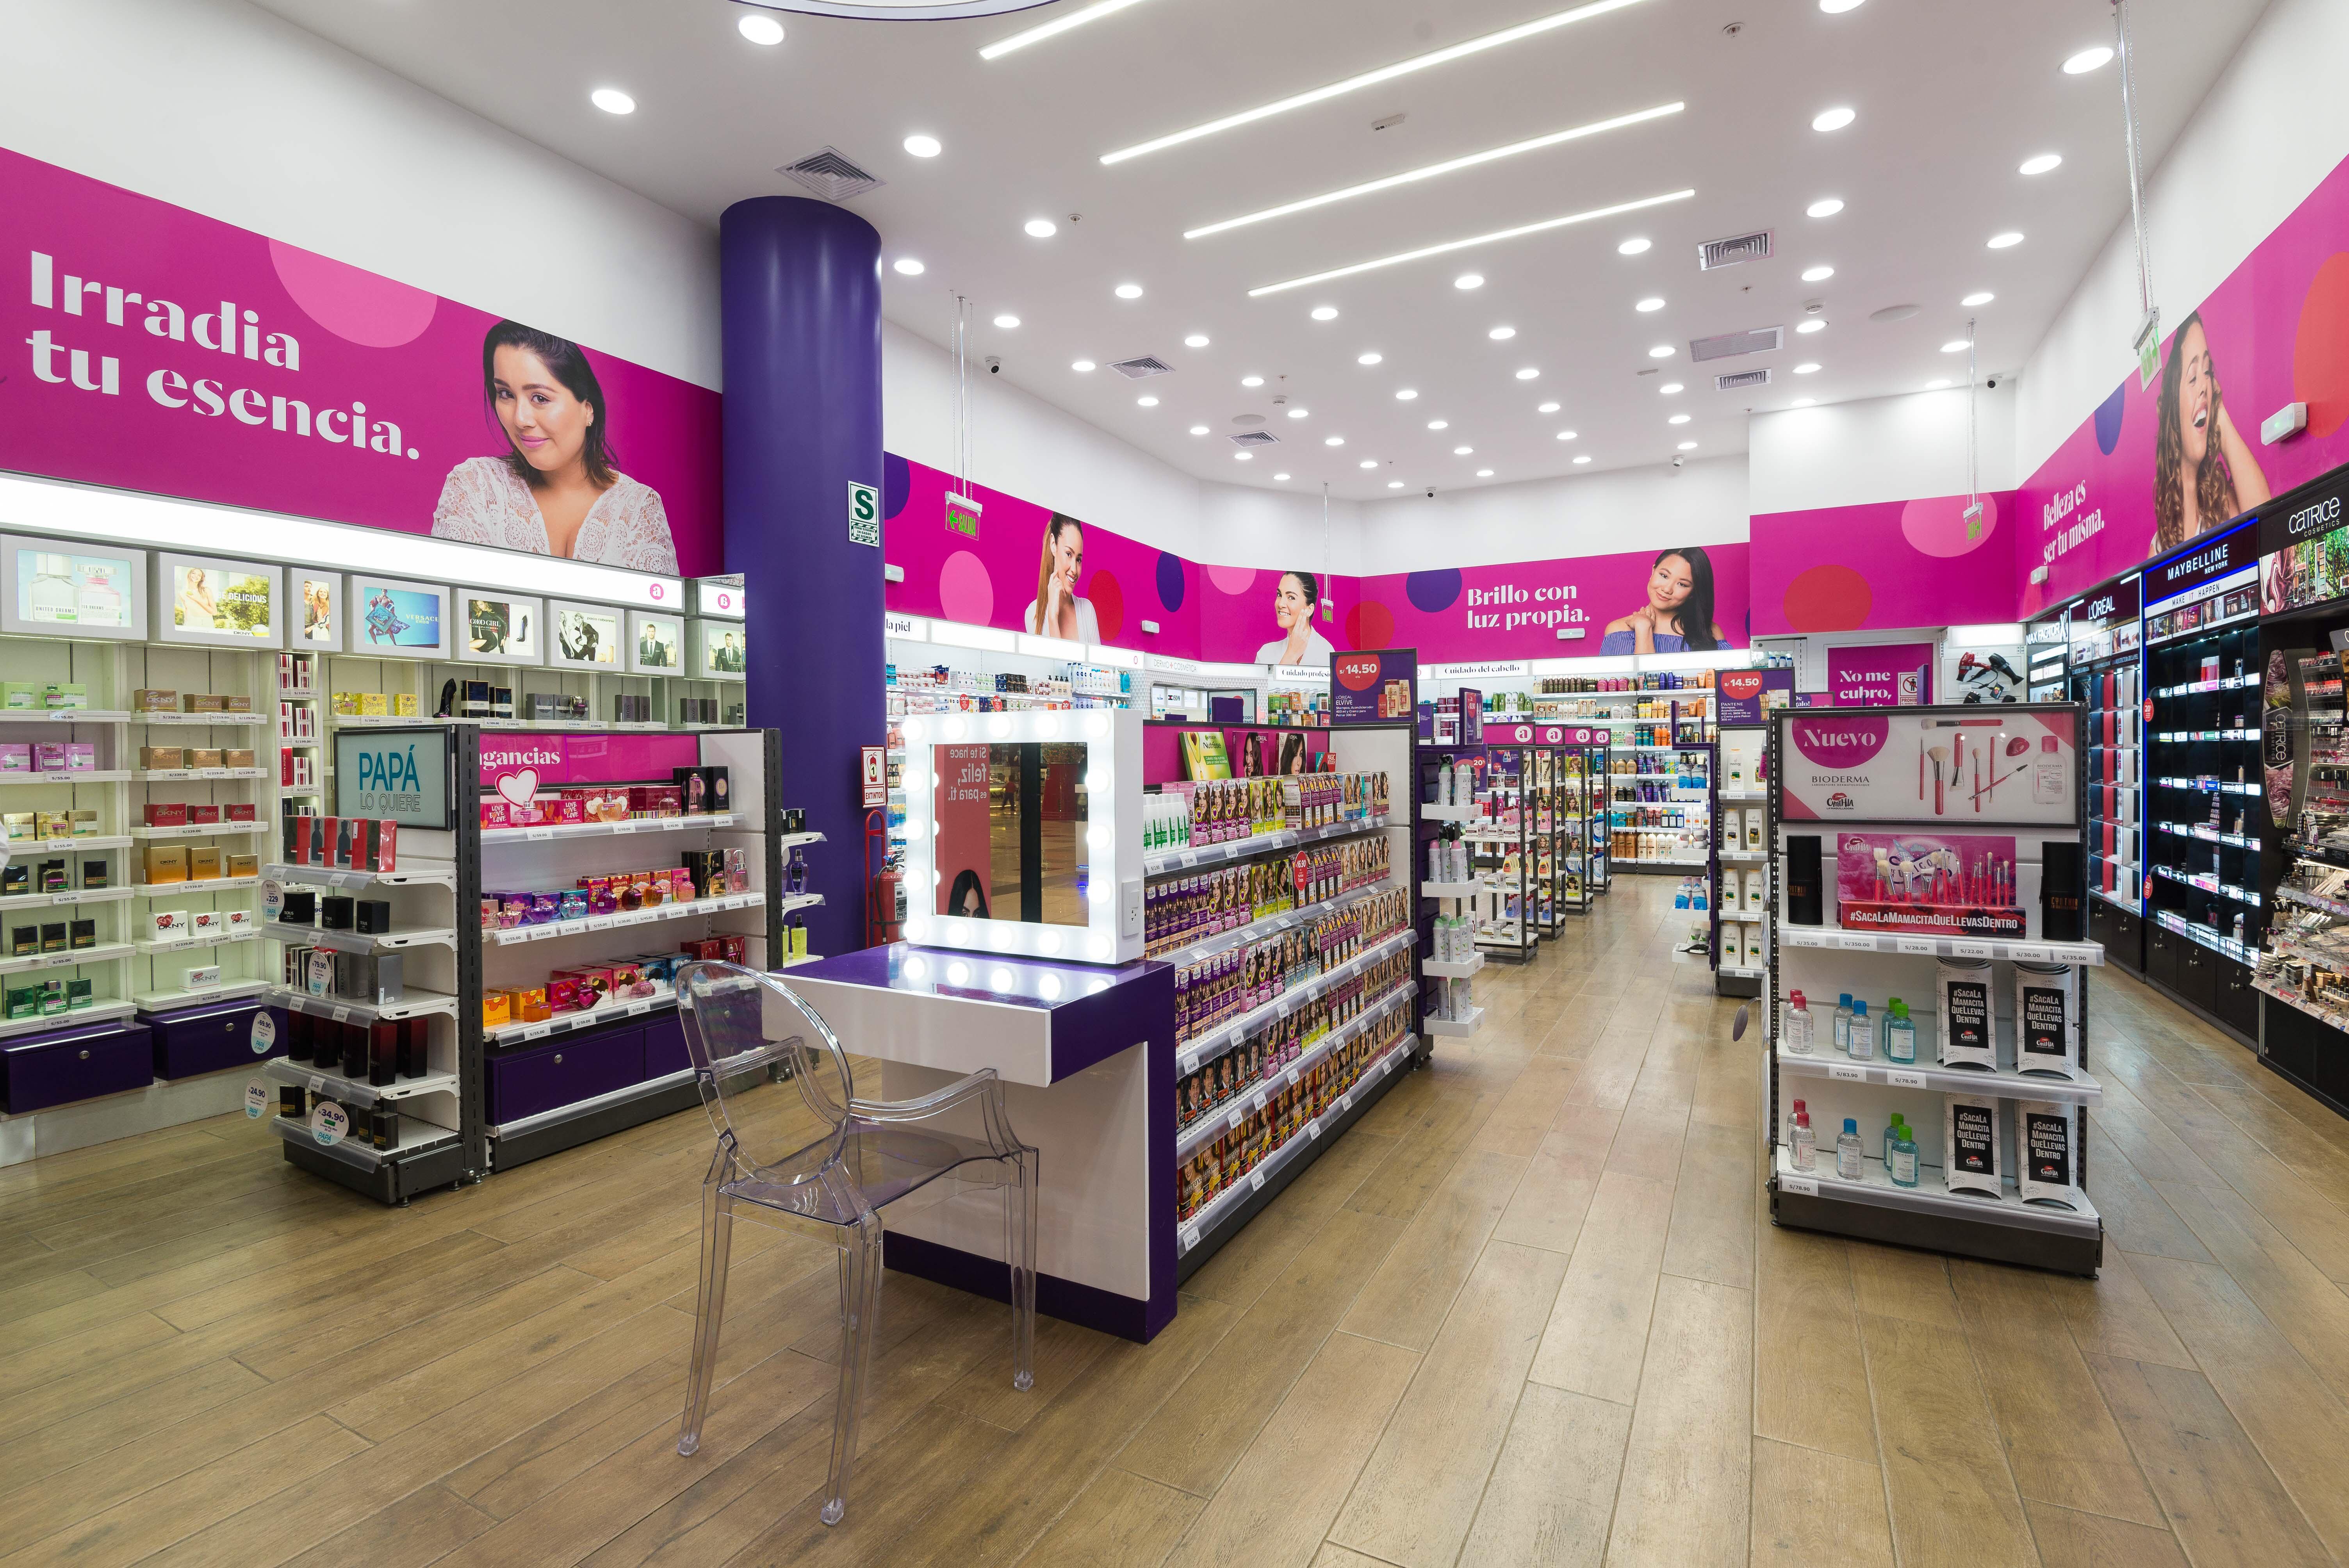 aruma megaplaza tienda 9 - Perú: Aruma se expande y llegará a las 20 tiendas